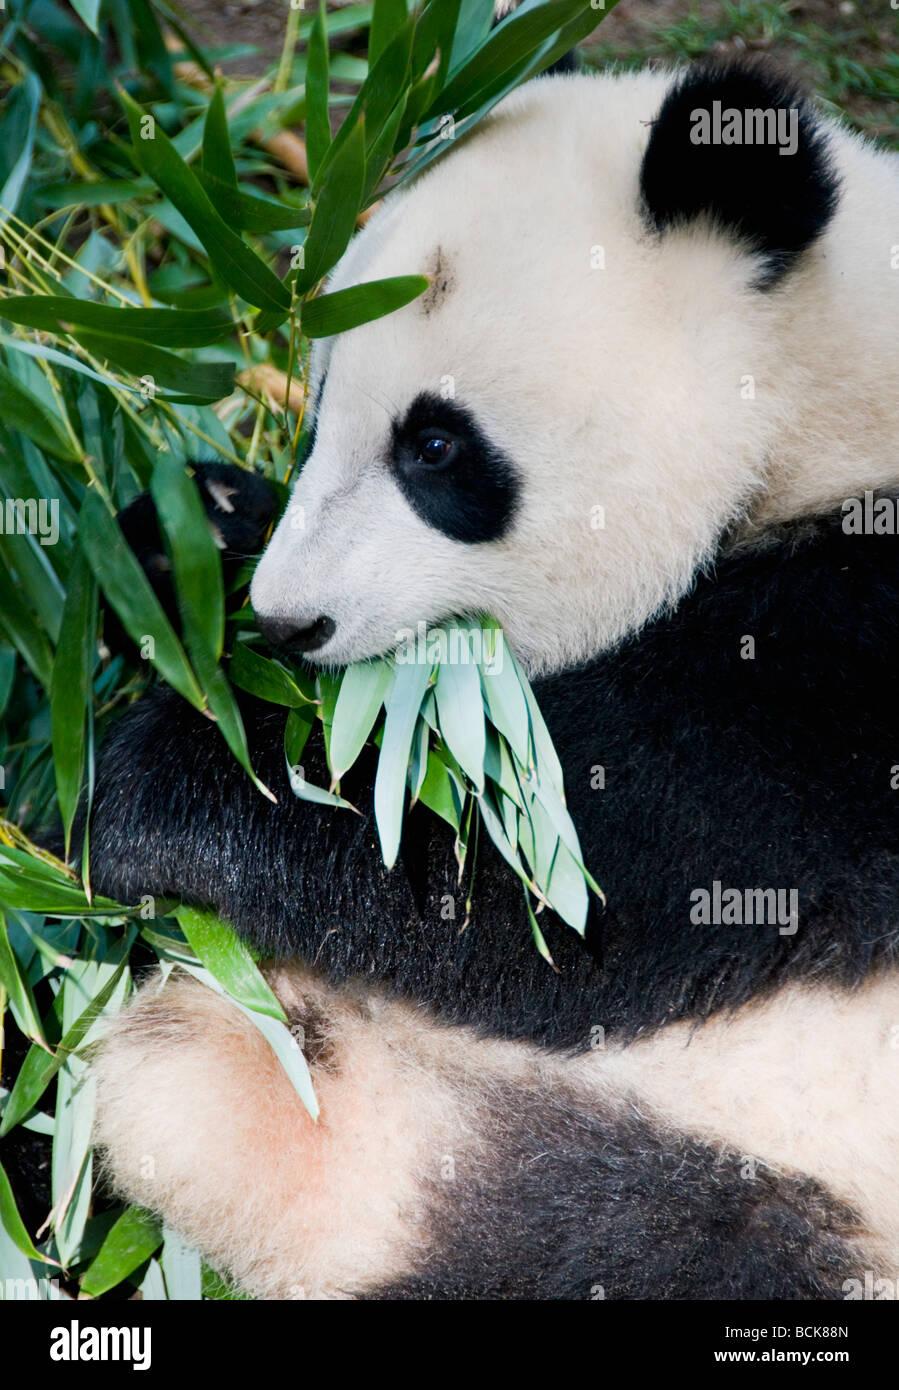 El panda gigante (Ailuropoda melanoleuca) alimentación, Zoológico de San Diego Imagen De Stock